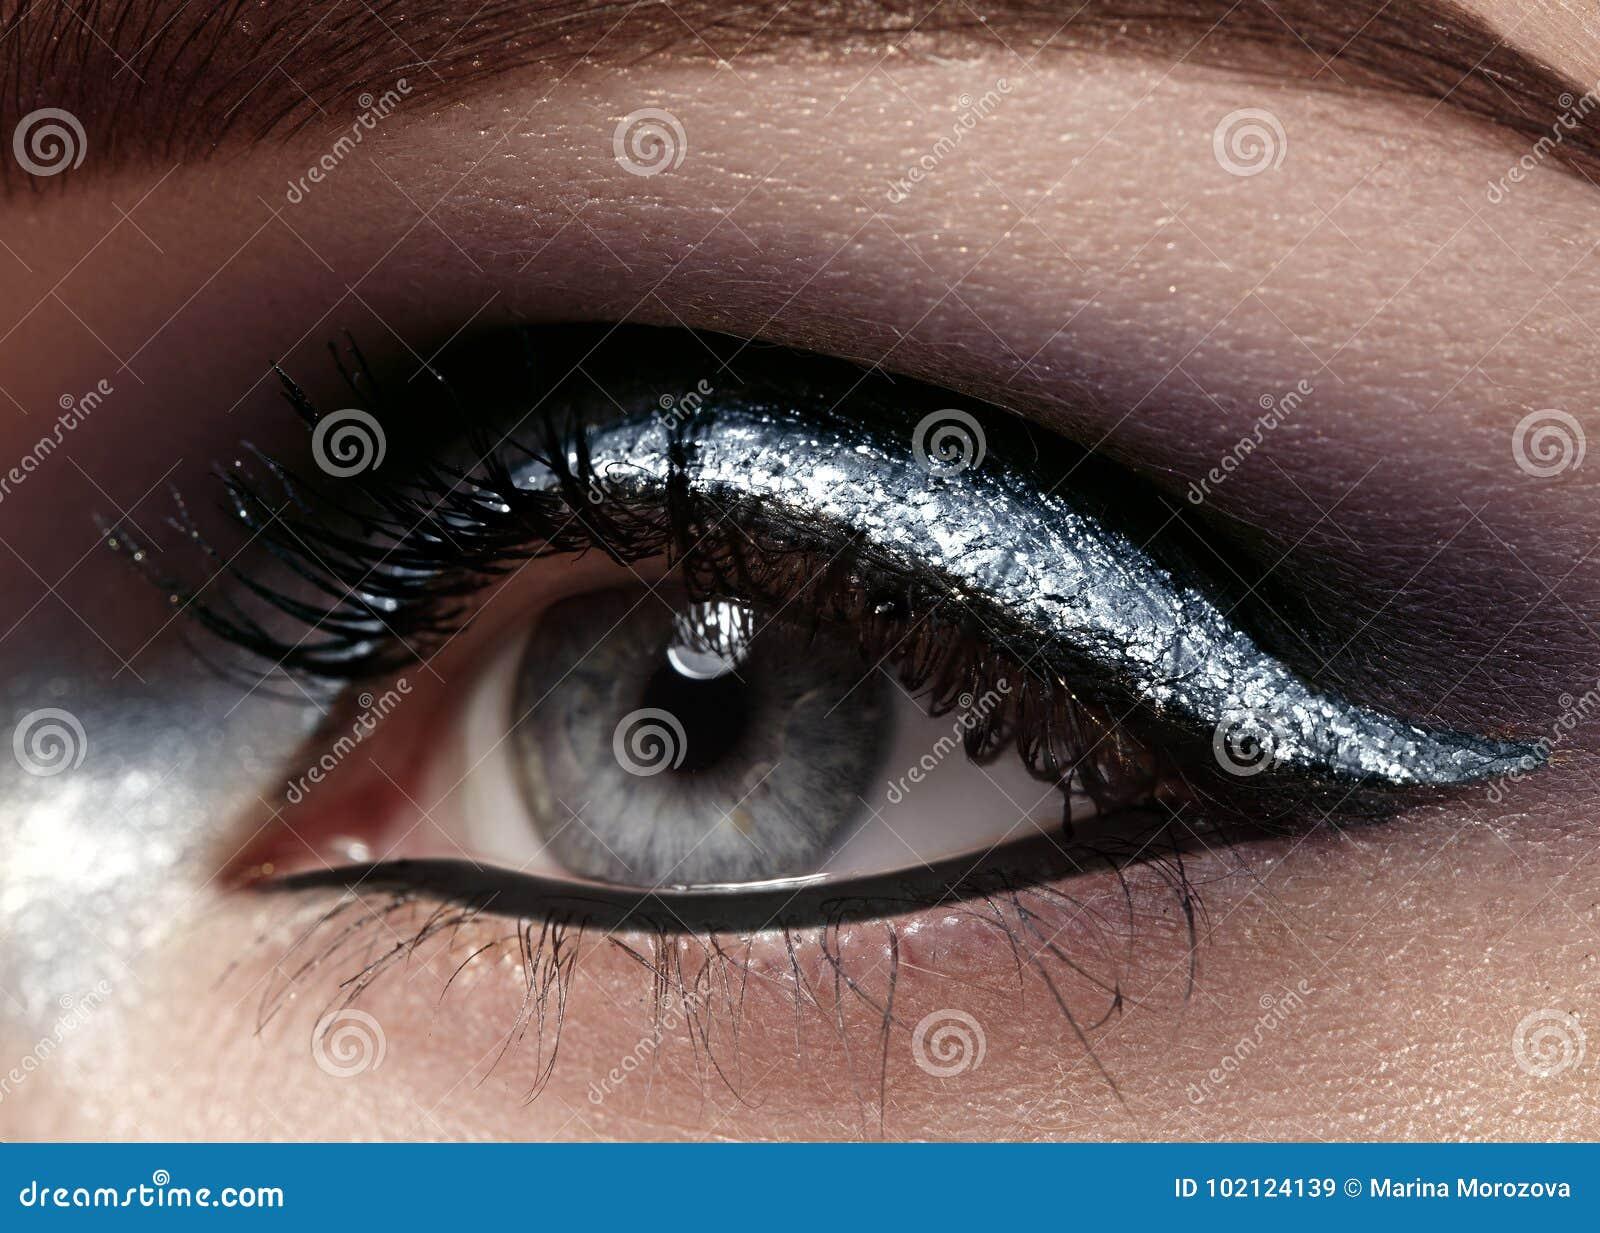 Tiro macro hermoso del ojo femenino con maquillaje ceremonial La forma perfecta de cejas, el lápiz de ojos y la plata alinean en